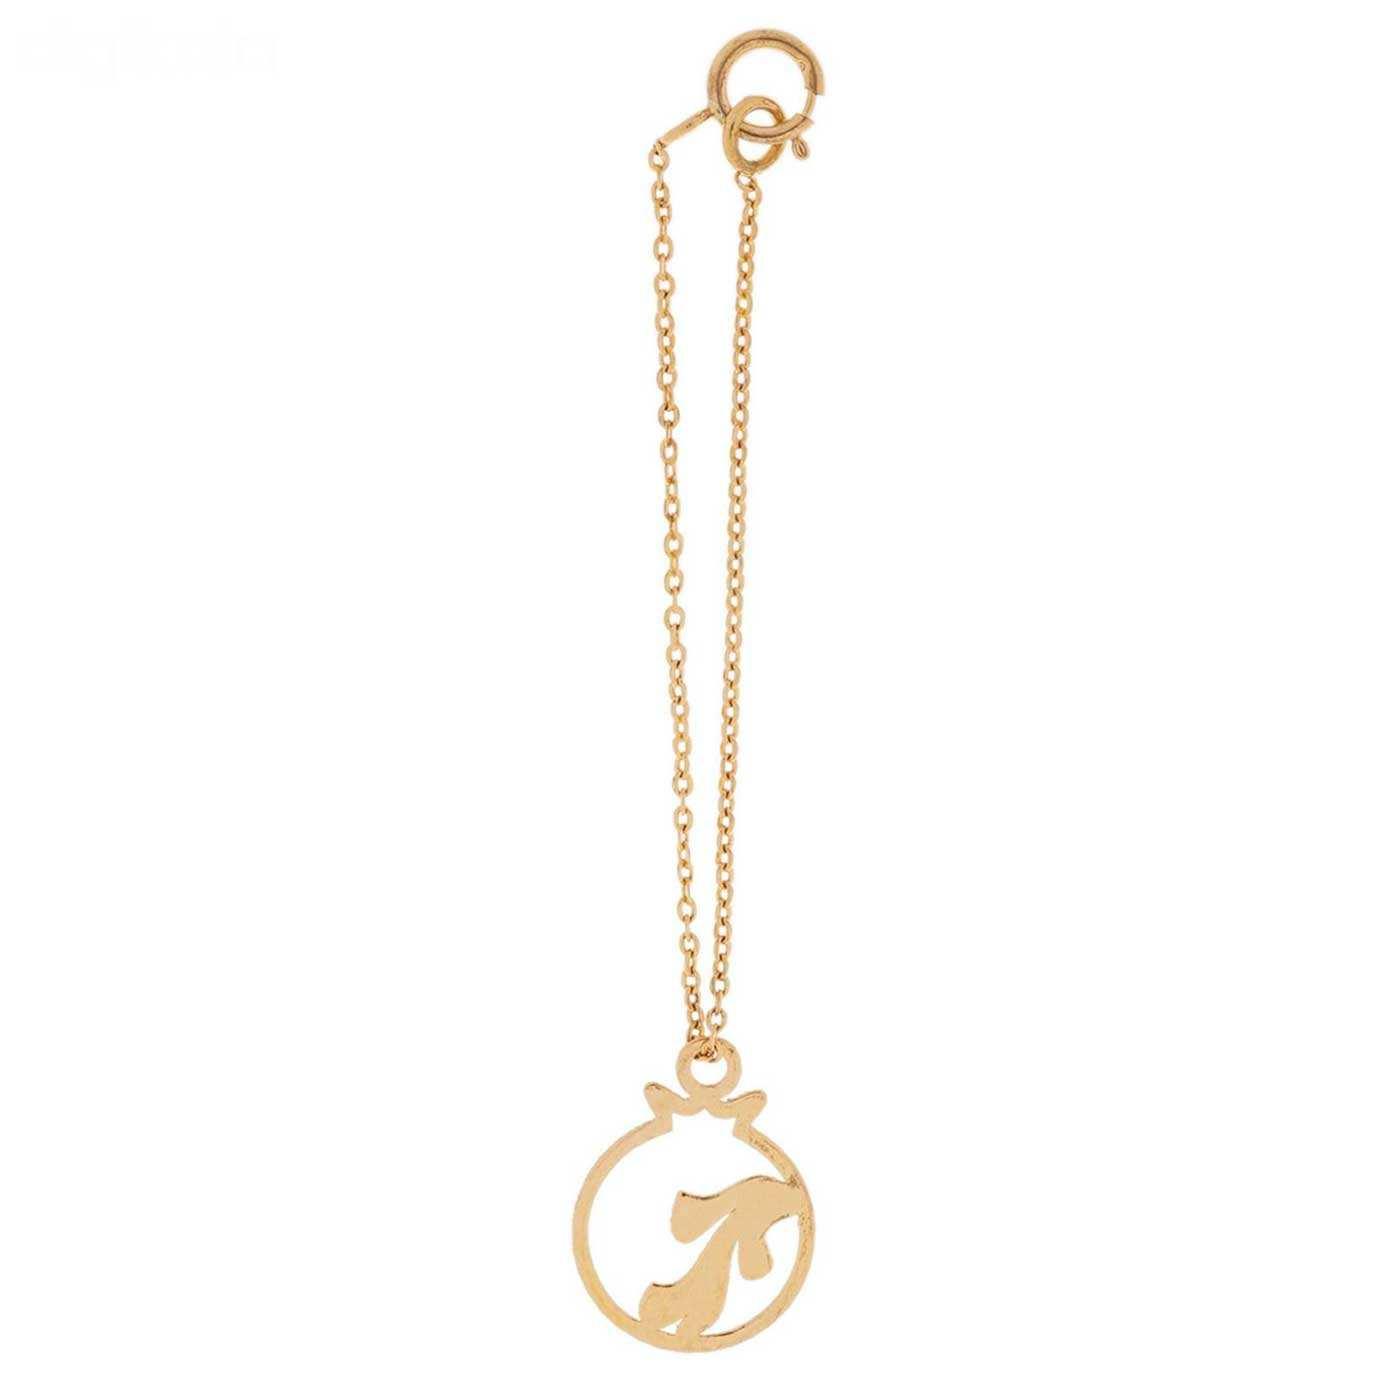 آویز ساعت طلا 18 عیار زنانه کانیار گالری کد AS102 -  - 1